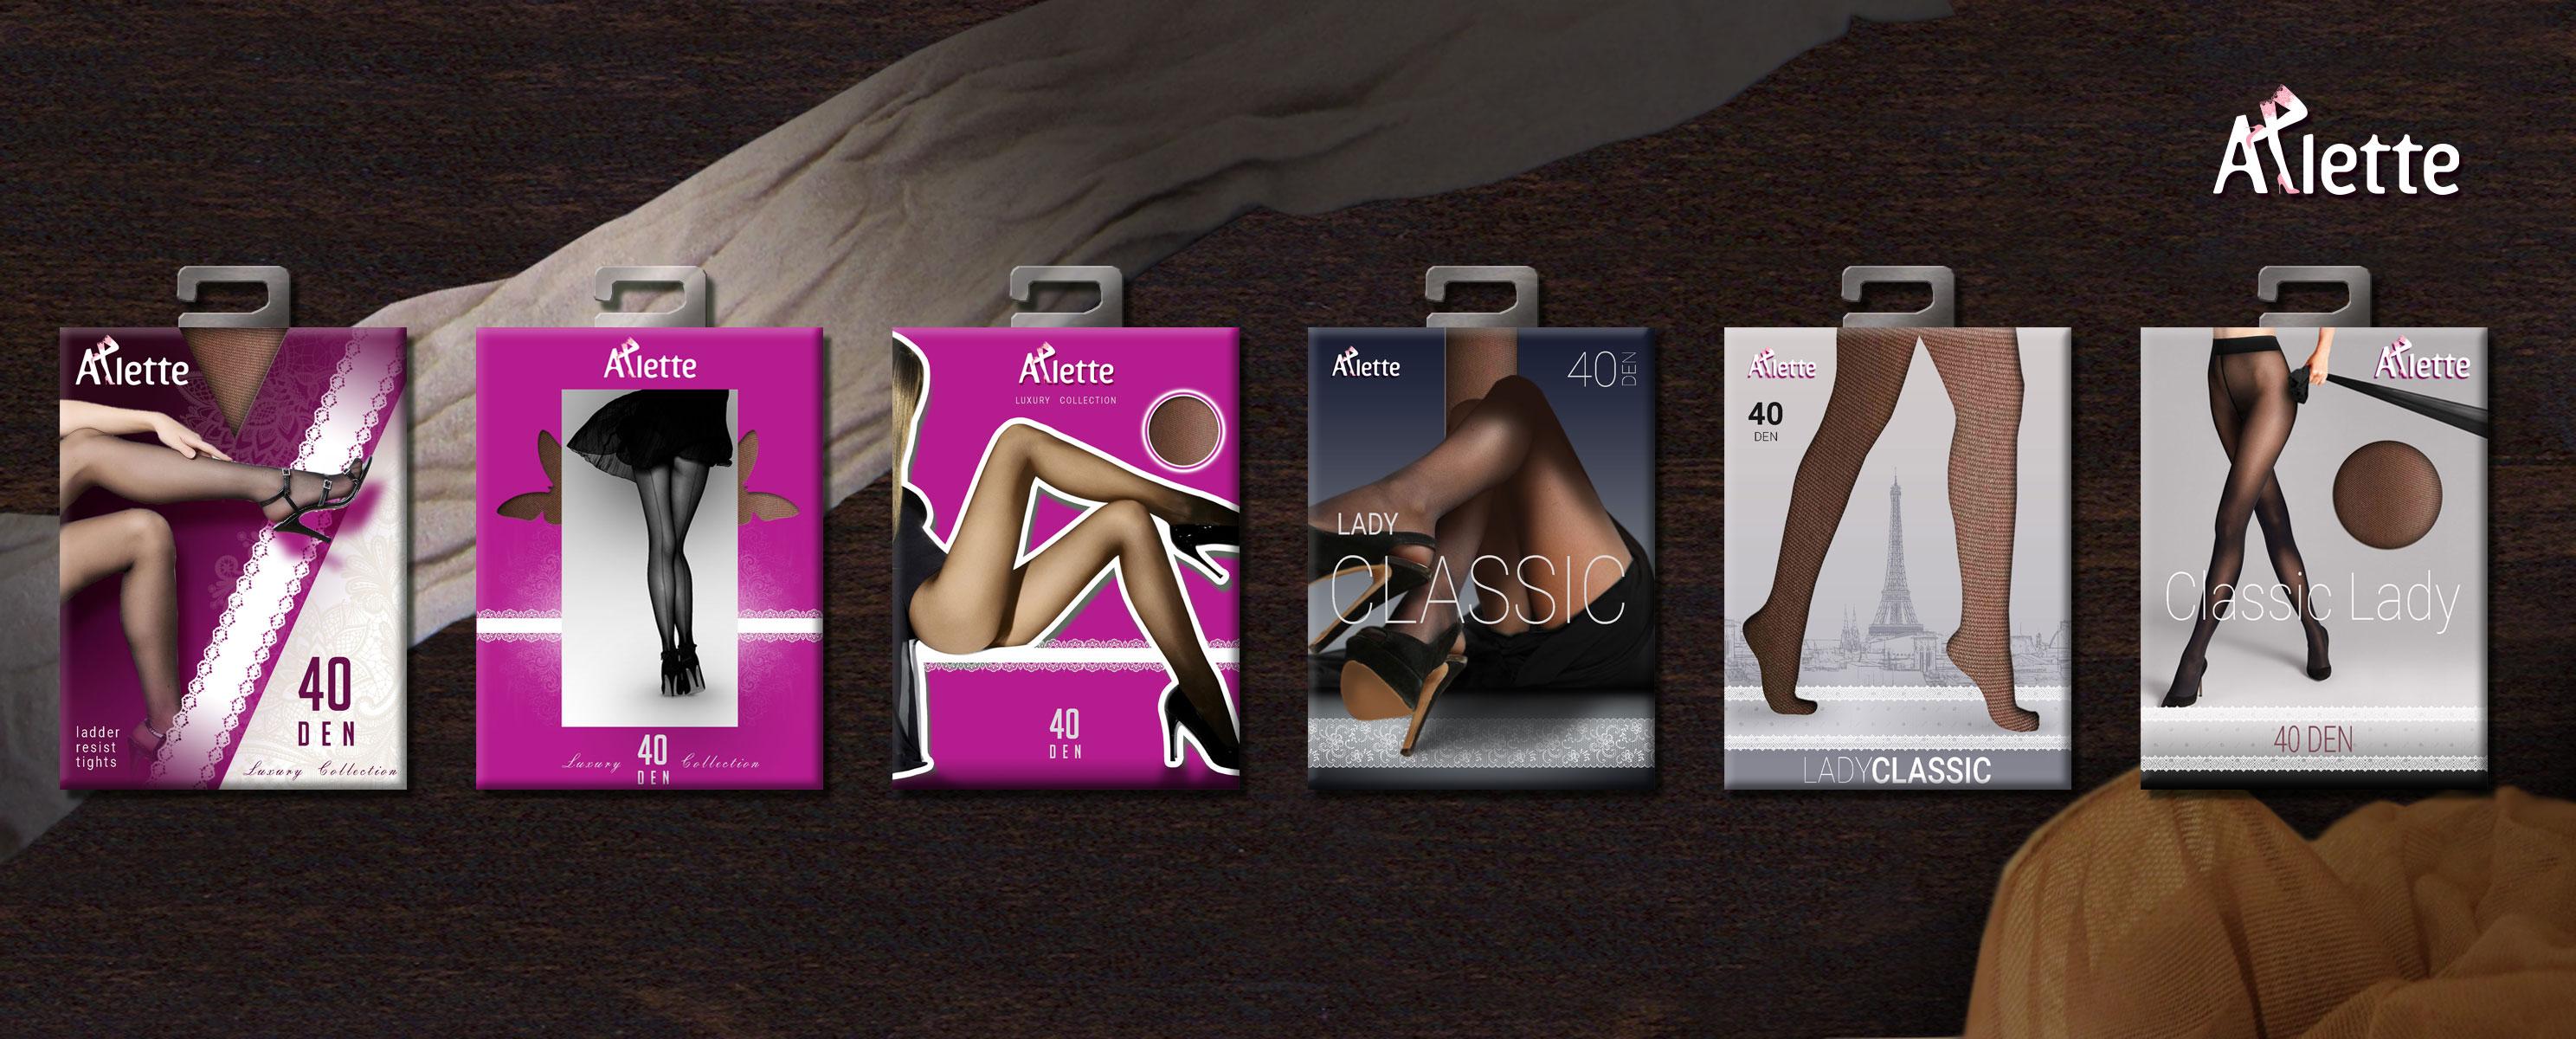 Дизайн упаковки женских колготок фото f_938599583a8ebd8c.jpg